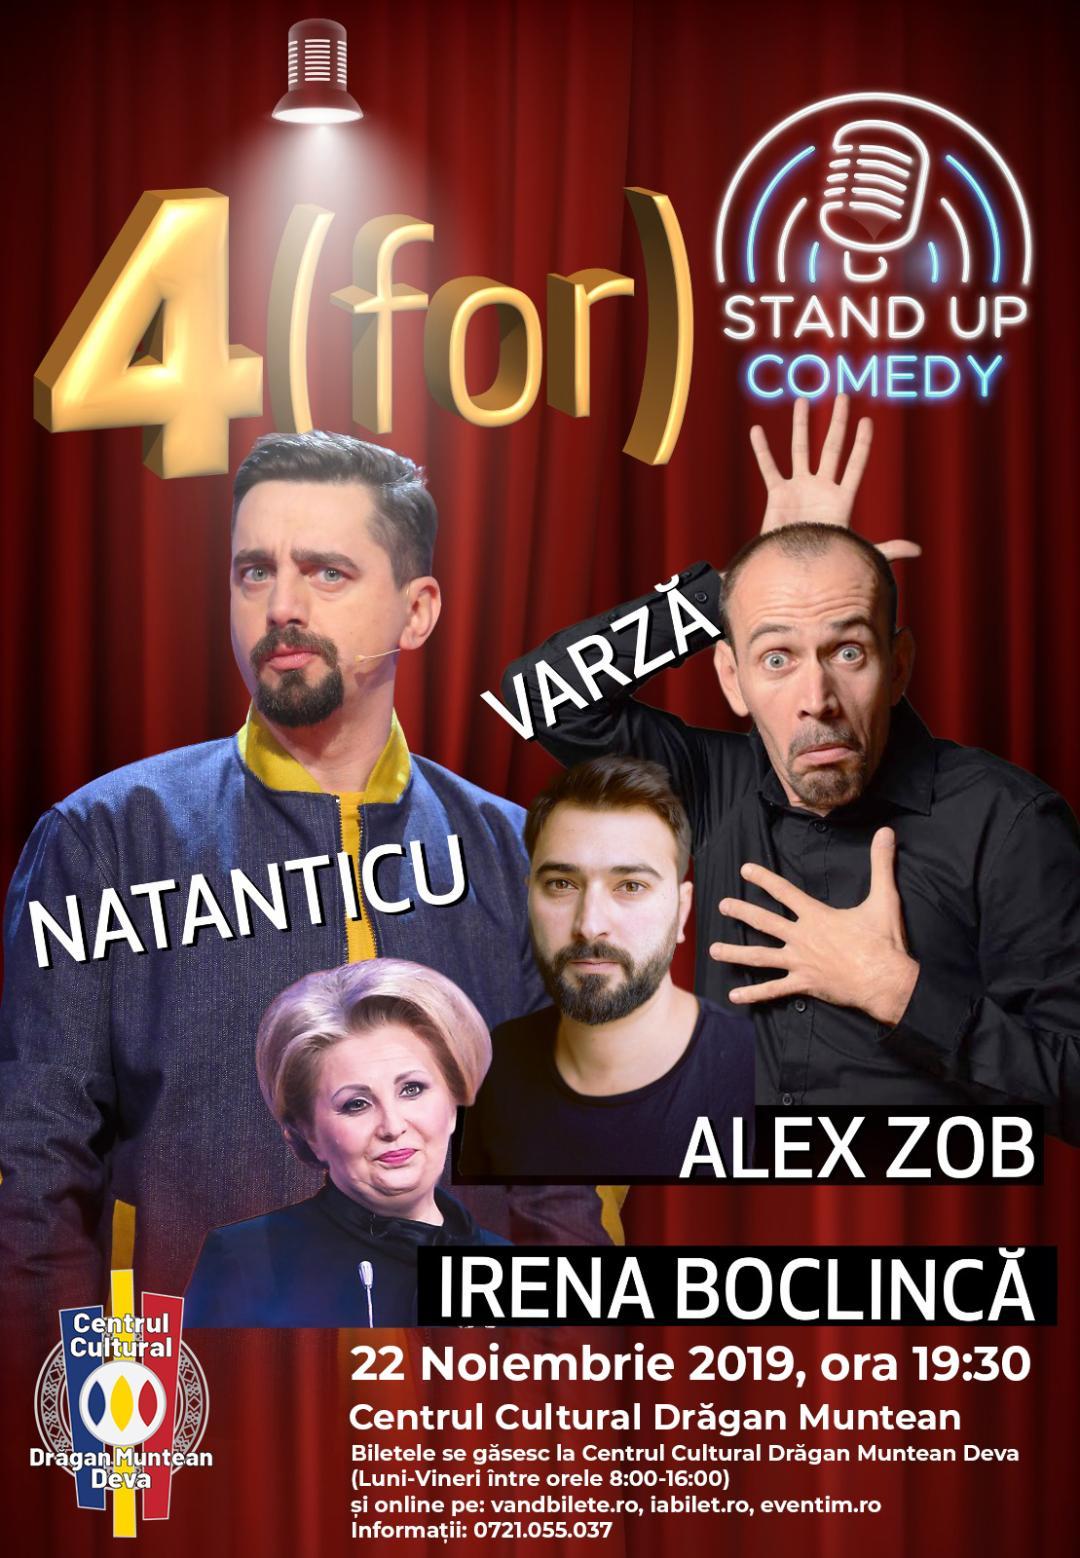 Natanticu, Varză, Alex Zob și Irena Boclincă, într-un show de comedie, la Deva